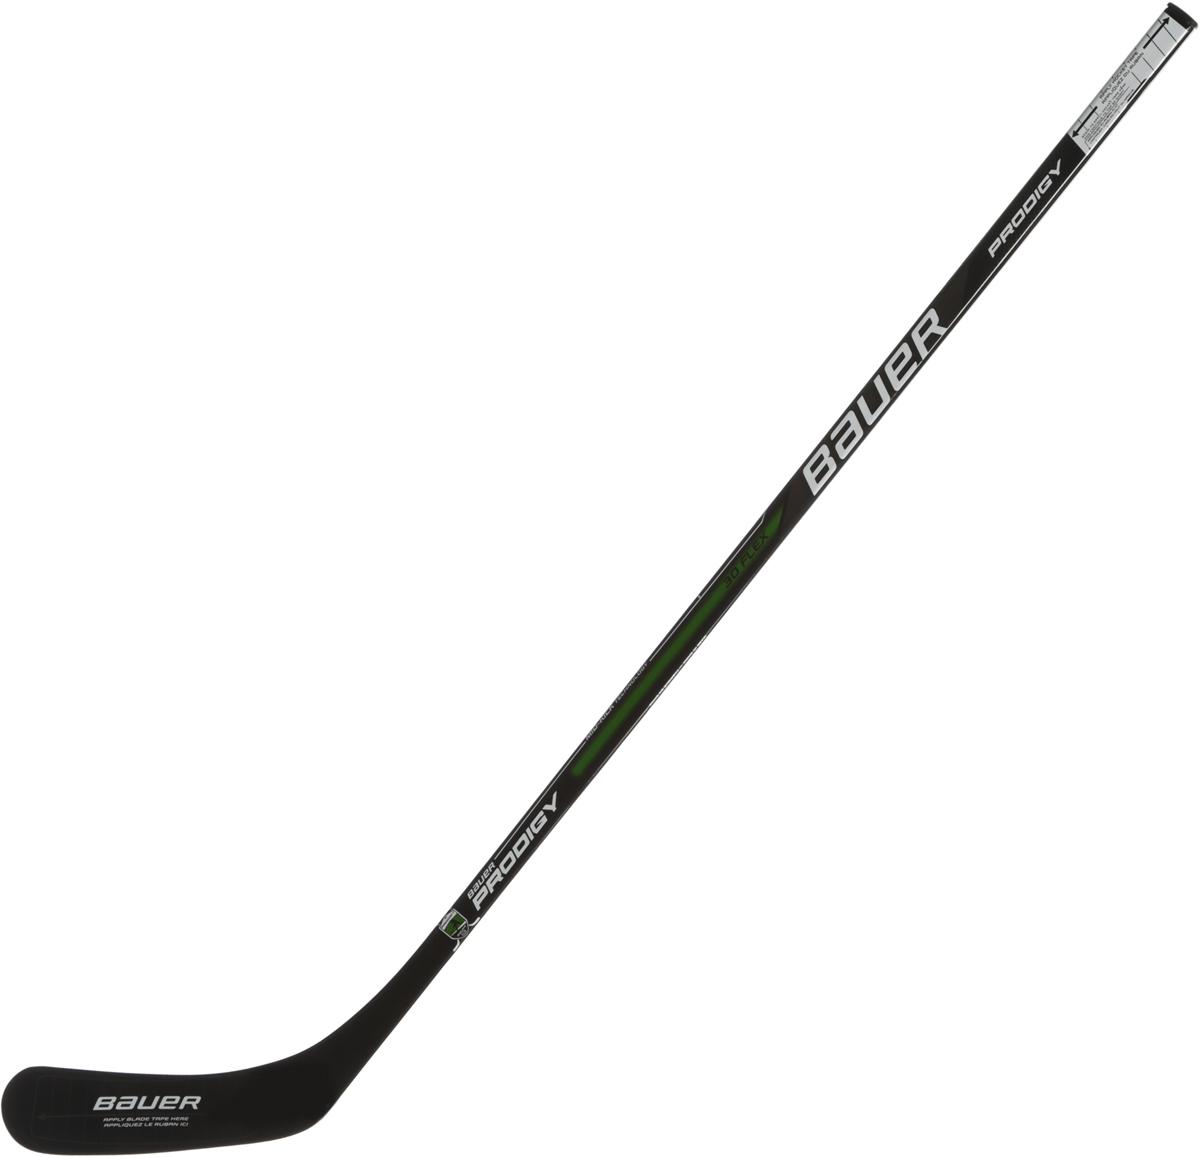 Хоккейная клюшка BAUER Prodigy Comp Stick 42, загиб правый.10502261050226Детская хоккейная клюшка BAUER Prodigy Comp Stick 42 имеет надежную конструкцию крюка с отличным откликом и чувством шайбы. Модель любительского уровня с конструкцией Fused Two-Piece.Усовершенствованный процесс производства исключает дублирование материалов при изготовлении этой модели, устраняя слабые места и делая клюшку более сбалансированной, гибкой и отзывчивой. Постоянная толщина стенок трубы наделяет клюшку отличными игровыми качествами. Дополнительное покрытие R1 Resin System, выполненное на основе эпоксидной смолы, увеличивает прочность и надежность клюшки. Труба имеет скругленные углы и двояковогнутые, боковые стенки, ее сечение Micro Feel II делает клюшку более хваткой, легко управляемой. Точка прогиба находится в нижней части трубы Low Kick Point. На трубу нанесено противоскользящее покрытие, которое фиксирует руку при выполнении броска и не дает клюшке провернуться. Крюк имеет профиль Pure Shot Blade с дополнительно усиленной точкой соединения крюка и трубы, что предотвращает скручивание крюка и увеличивает точность броска. Внутренний сердечник крюка выполнен из пенополиуретана, что обеспечивает хороший баланс, долговечность крюка и отличное чувство шайбы. Слои однонаправленного, углеродного волокна Basketweave Carbon Fiber, которые используются как оплетка крюка, обеспечивают высокую прочность, хороший баланс.Нижняя точка удара + жесткий крюк работают вместе, оптимизируя скоростные броски.- Профиль прогиба VAPOR Low-Kick; - Конструкция рукоятки единая конструкция из 2 частей; - Наружная часть: Крюк из углеволокна с узором плетения; - Внутренняя часть: основа крюка из полиуретана; - Профиль крюка Pure Shot; - Форма рукоятки круглая двояковогнутая рукоятка; - Конусность рукоятки двойное сужение VAPOR Premium; - Покрытие GRIPTAC.